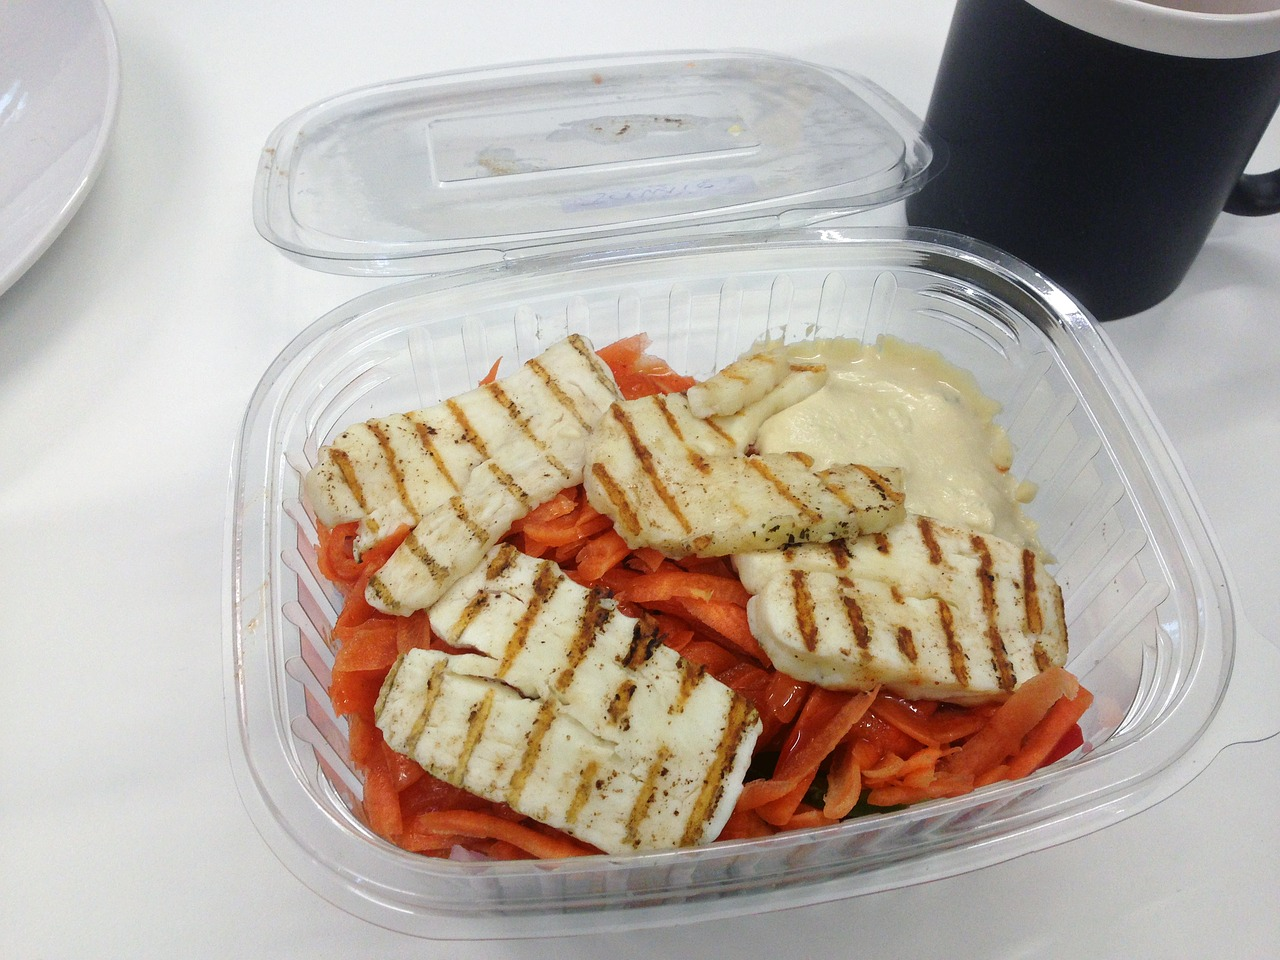 Jednorazowe pojemniki na żywność – co musisz o nich wiedzieć?